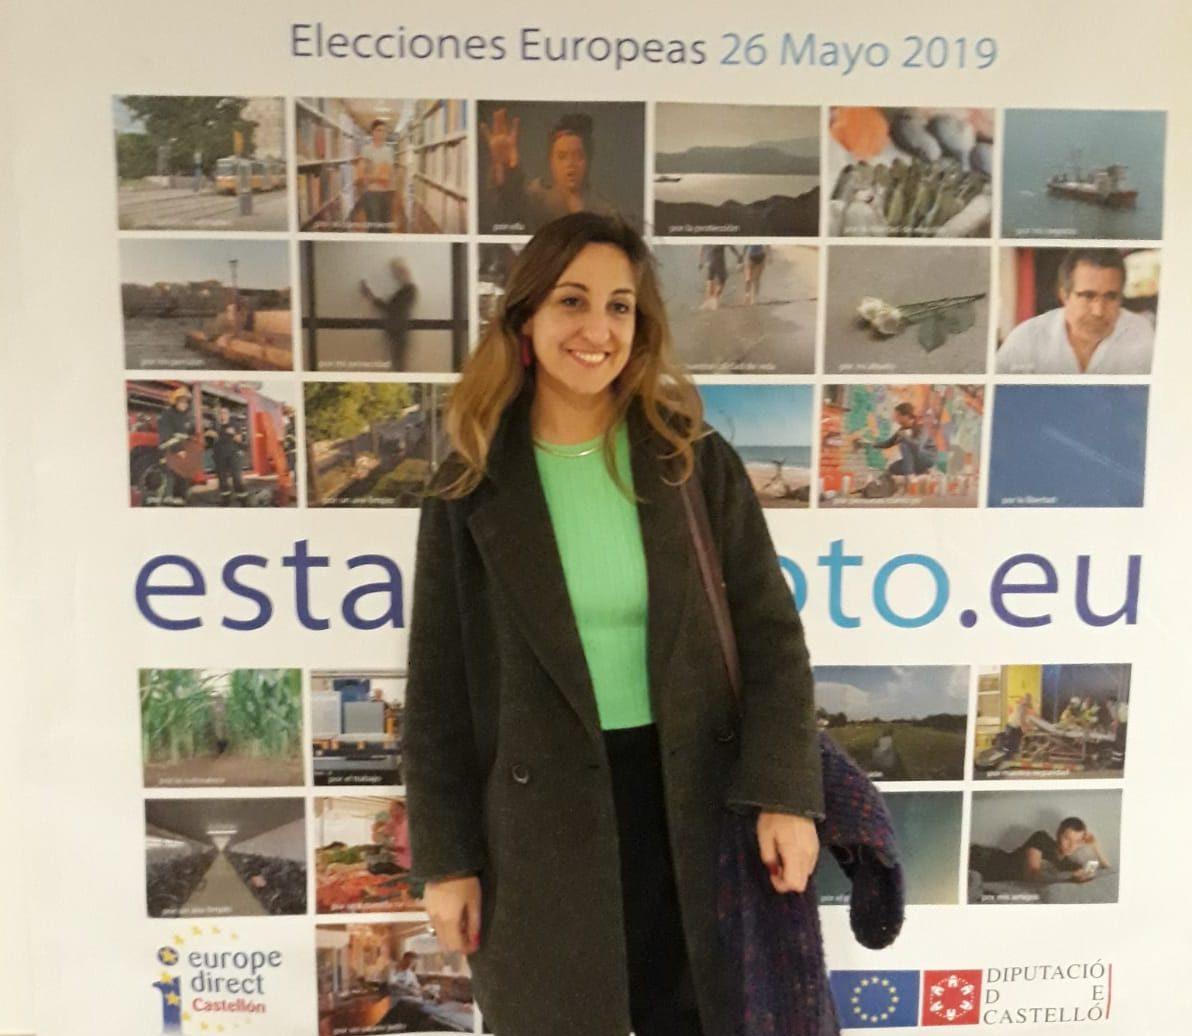 La Regidora Peñalver Assisteix A La Jornada Sobre Programes Europeus De Cultura I Participació